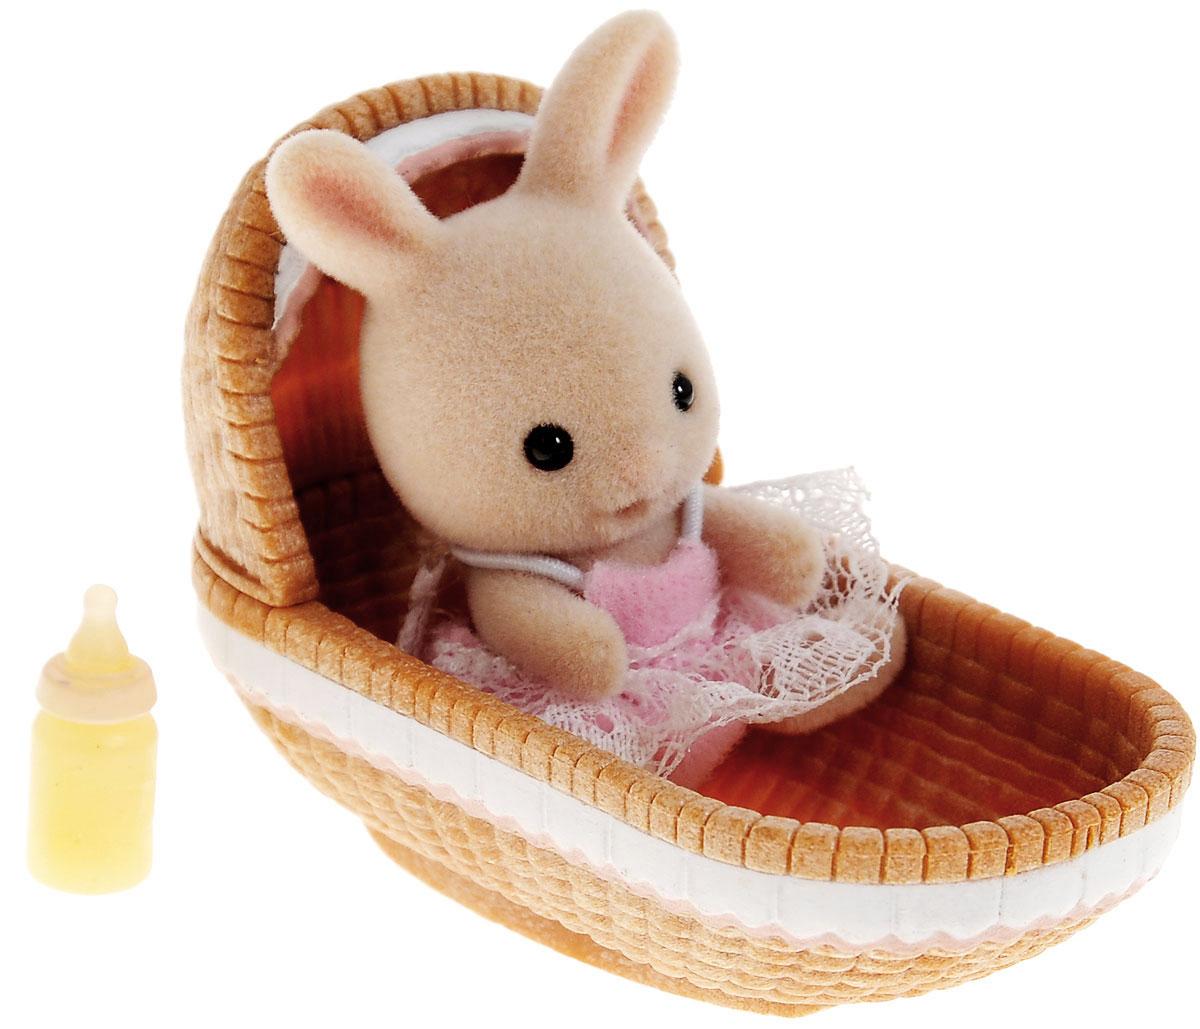 Sylvanian Families Фигурка Малыш крольчонок в люльке 33803380_крольчонок в люлькеФигурка Sylvanian Families Малыш крольчонок в люльке обязательно понравится всем любителям страны Сильвания. Этот чудесный крольчонок еще совсем маленький и нуждается в заботе. Малыша нужно уложить в люльку и укачать, чтобы он уснул. А после сна кролик снова готов к игре! Игры с фигуркой развивают у ребенка чувство ответственности и заботы, формируют представление о семейных ценностях. Такая фигурка станет отличным дополнением к вашей коллекции игрушек Sylvanian Families! Все элементы выполнены с невероятной тщательностью из безопасных материалов. Компания Sylvanian Families была основана в 1985 году, в Японии. Sylvanian Families очень популярна в Европе и Азии и, за долгие годы существования, компания смогла добиться больших успехов. 3 года подряд в Англии бренд Sylvanian Families был признан Игрушкой Года. Сегодня у героев Sylvanian Families есть собственное шоу, полнометражный мультфильм и сеть ресторанов, работающая по всей Японии. Sylvanian...